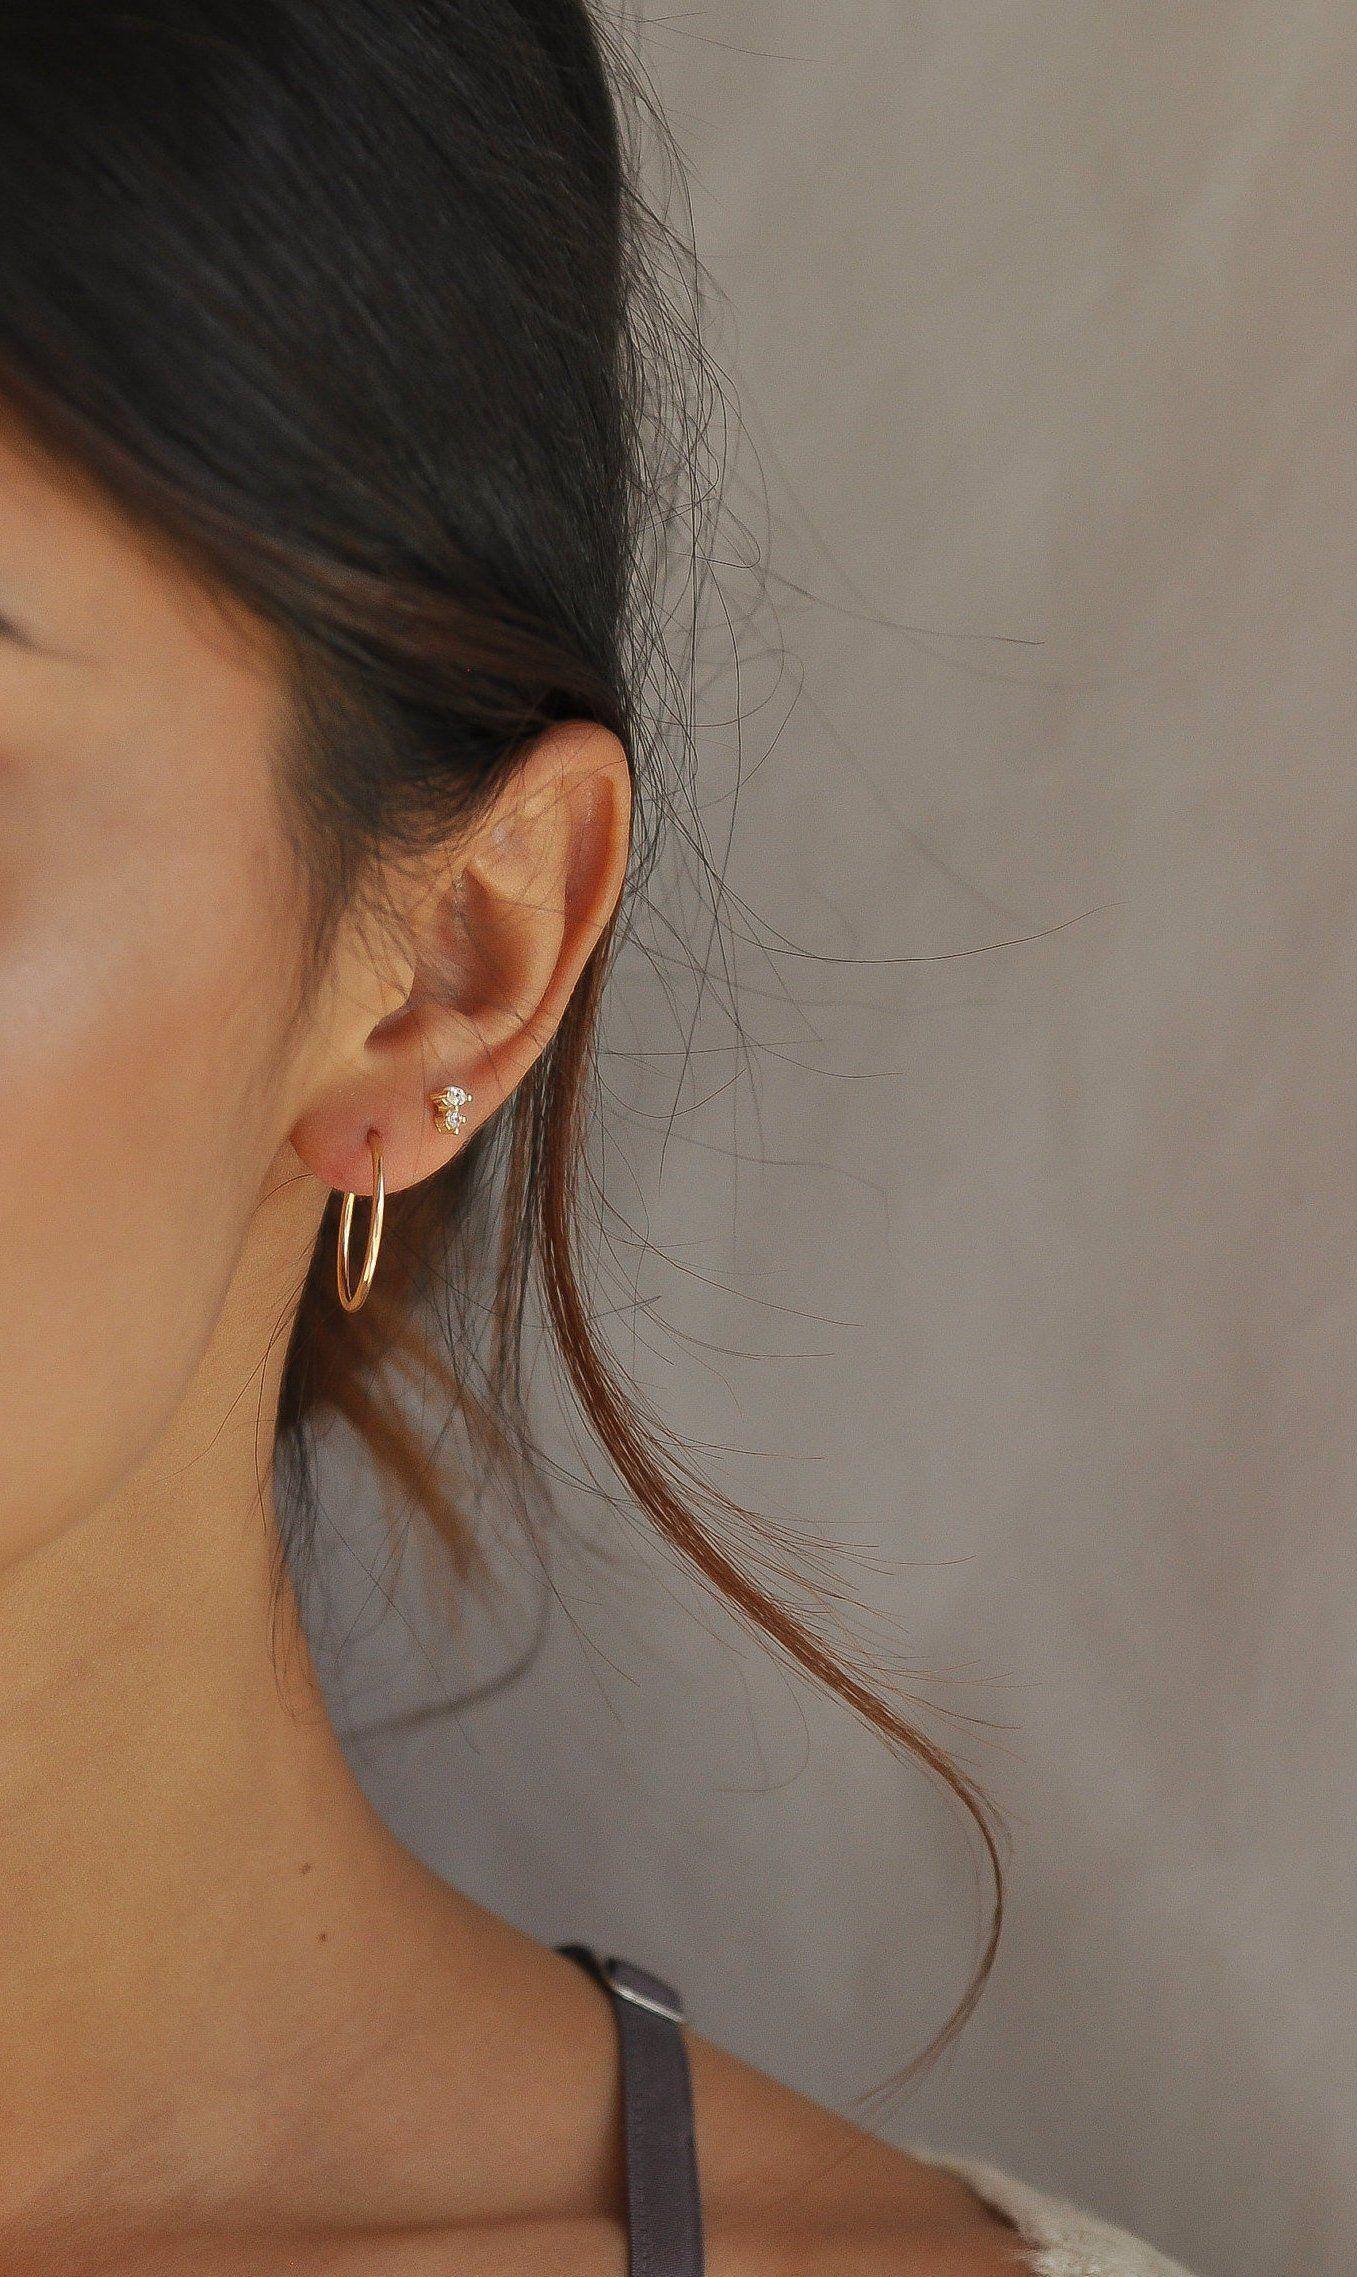 Gold Hoop Earrings Dainty hoop earrings Small hoop earrings Modern thin endless hoop Pearl drop disc celestial sun dangle 14k Gold Filled